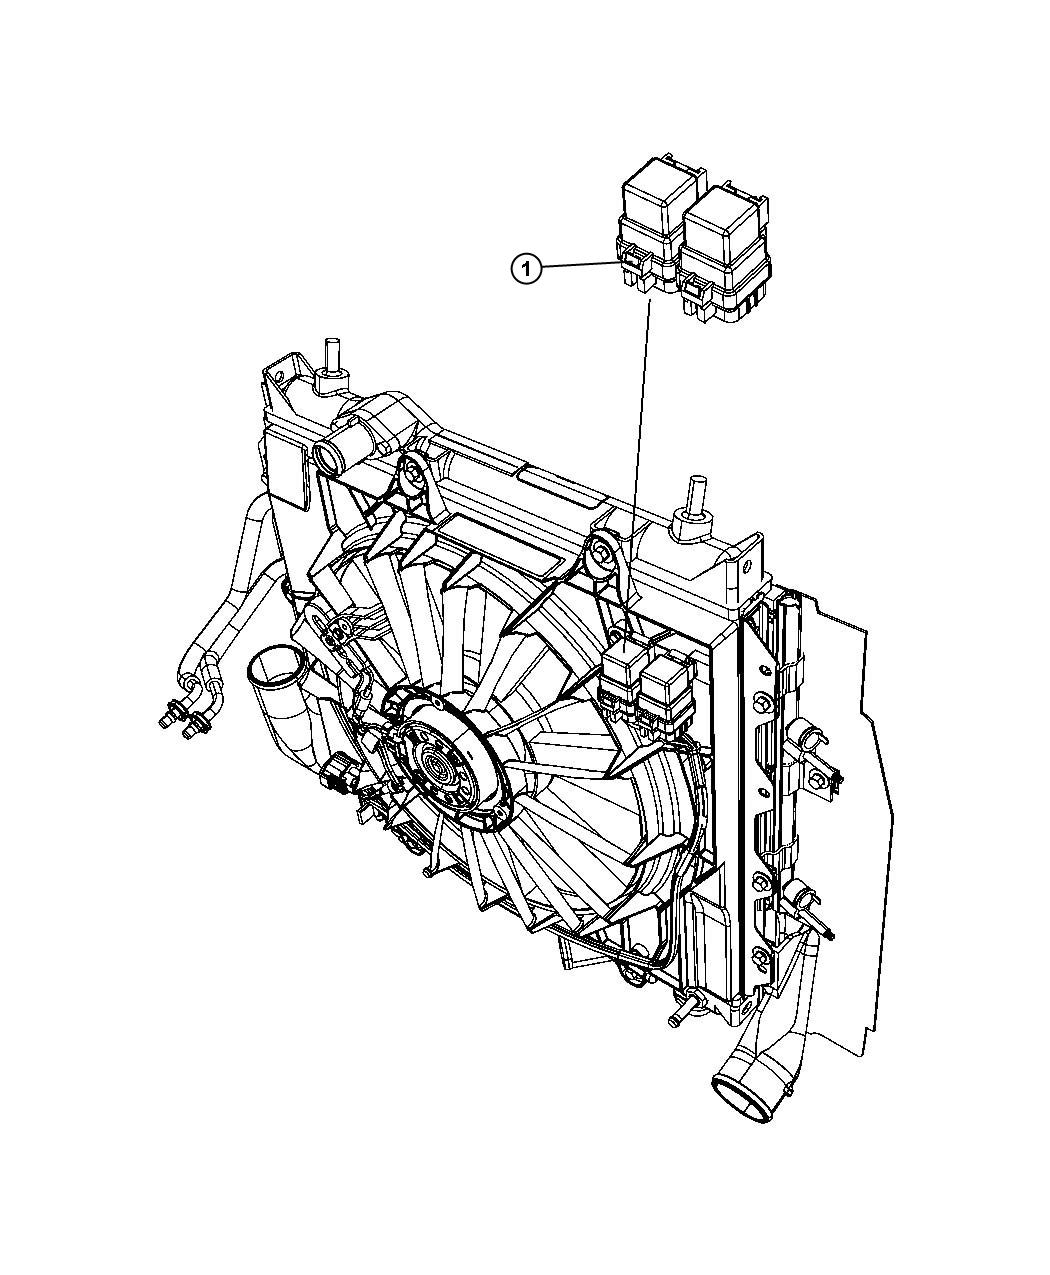 2001 Pt Cruiser Cooling Fan Wiring Diagram   Wiring Library - 2006 Pt Cruiser Cooling Fan Wiring Diagram